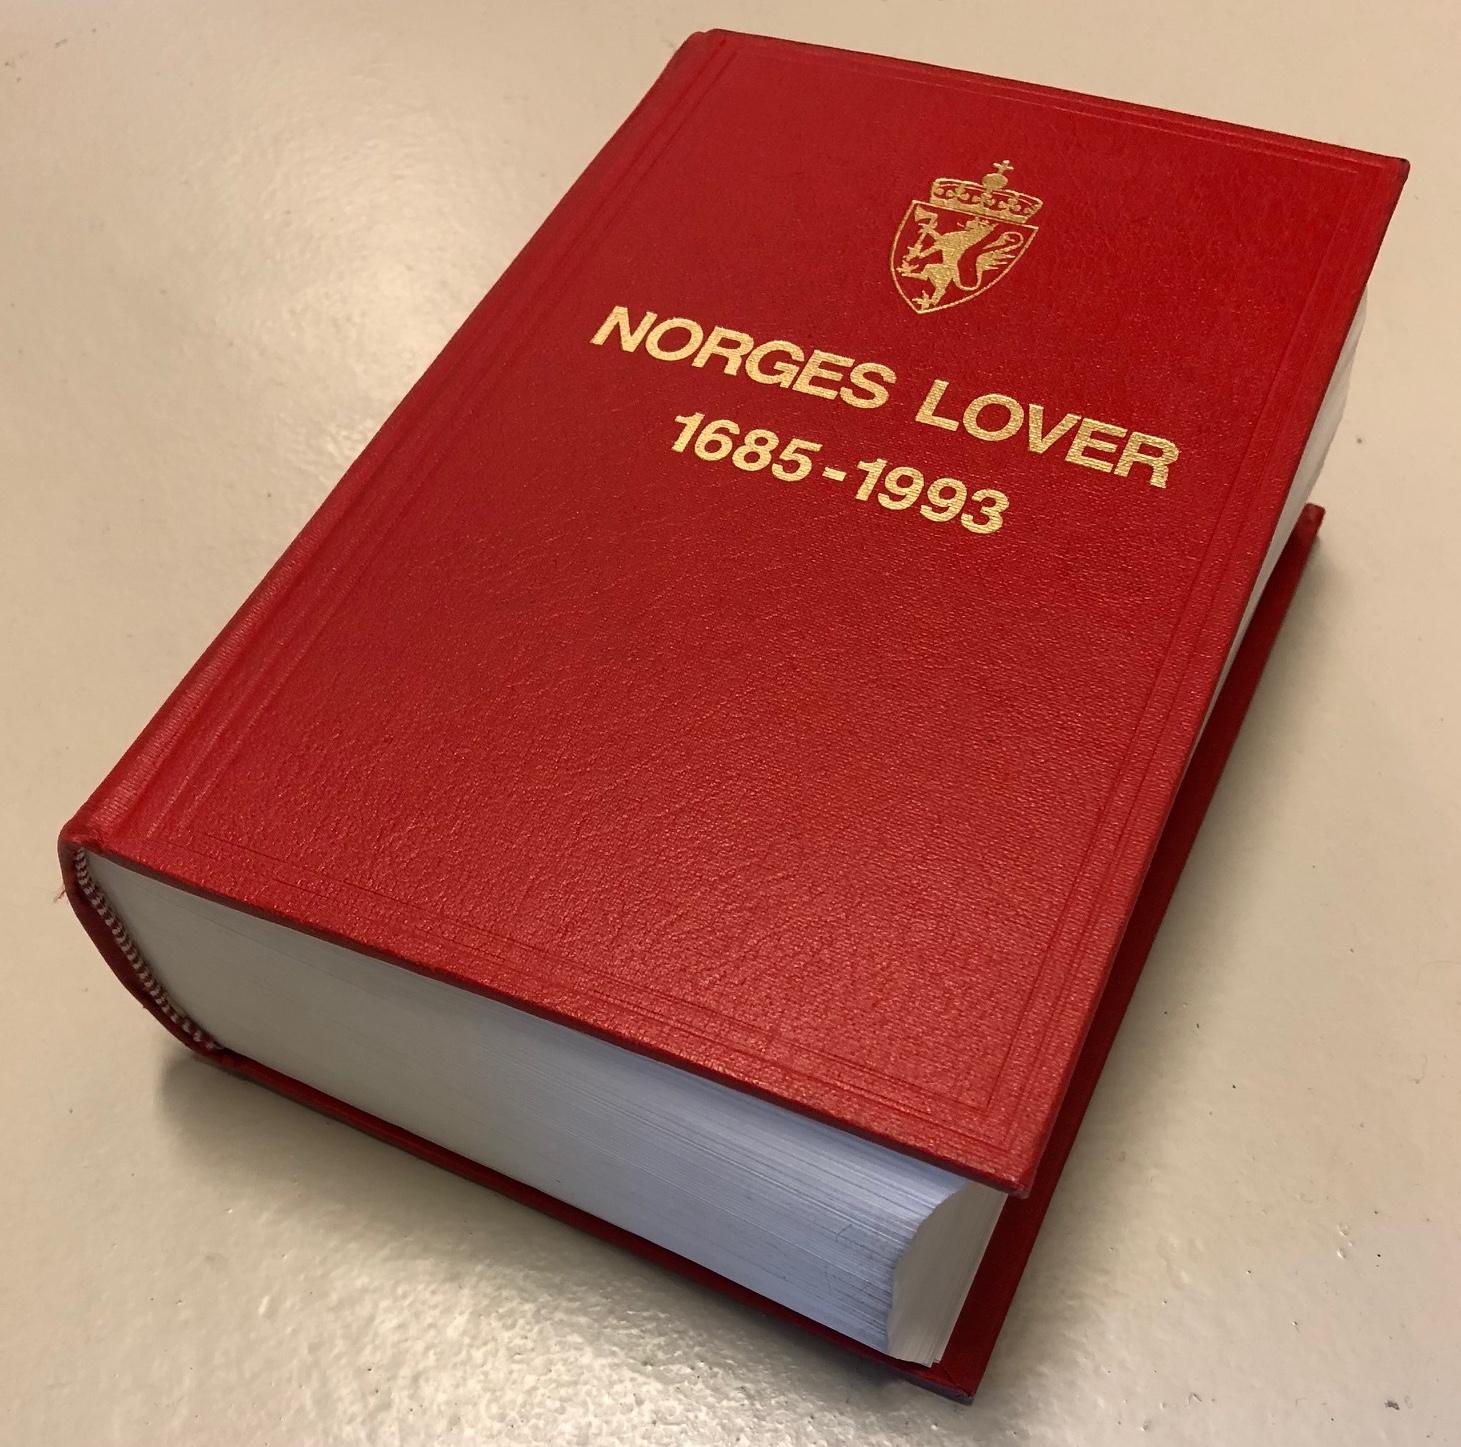 Norges lover i bokutgave fra 1993.